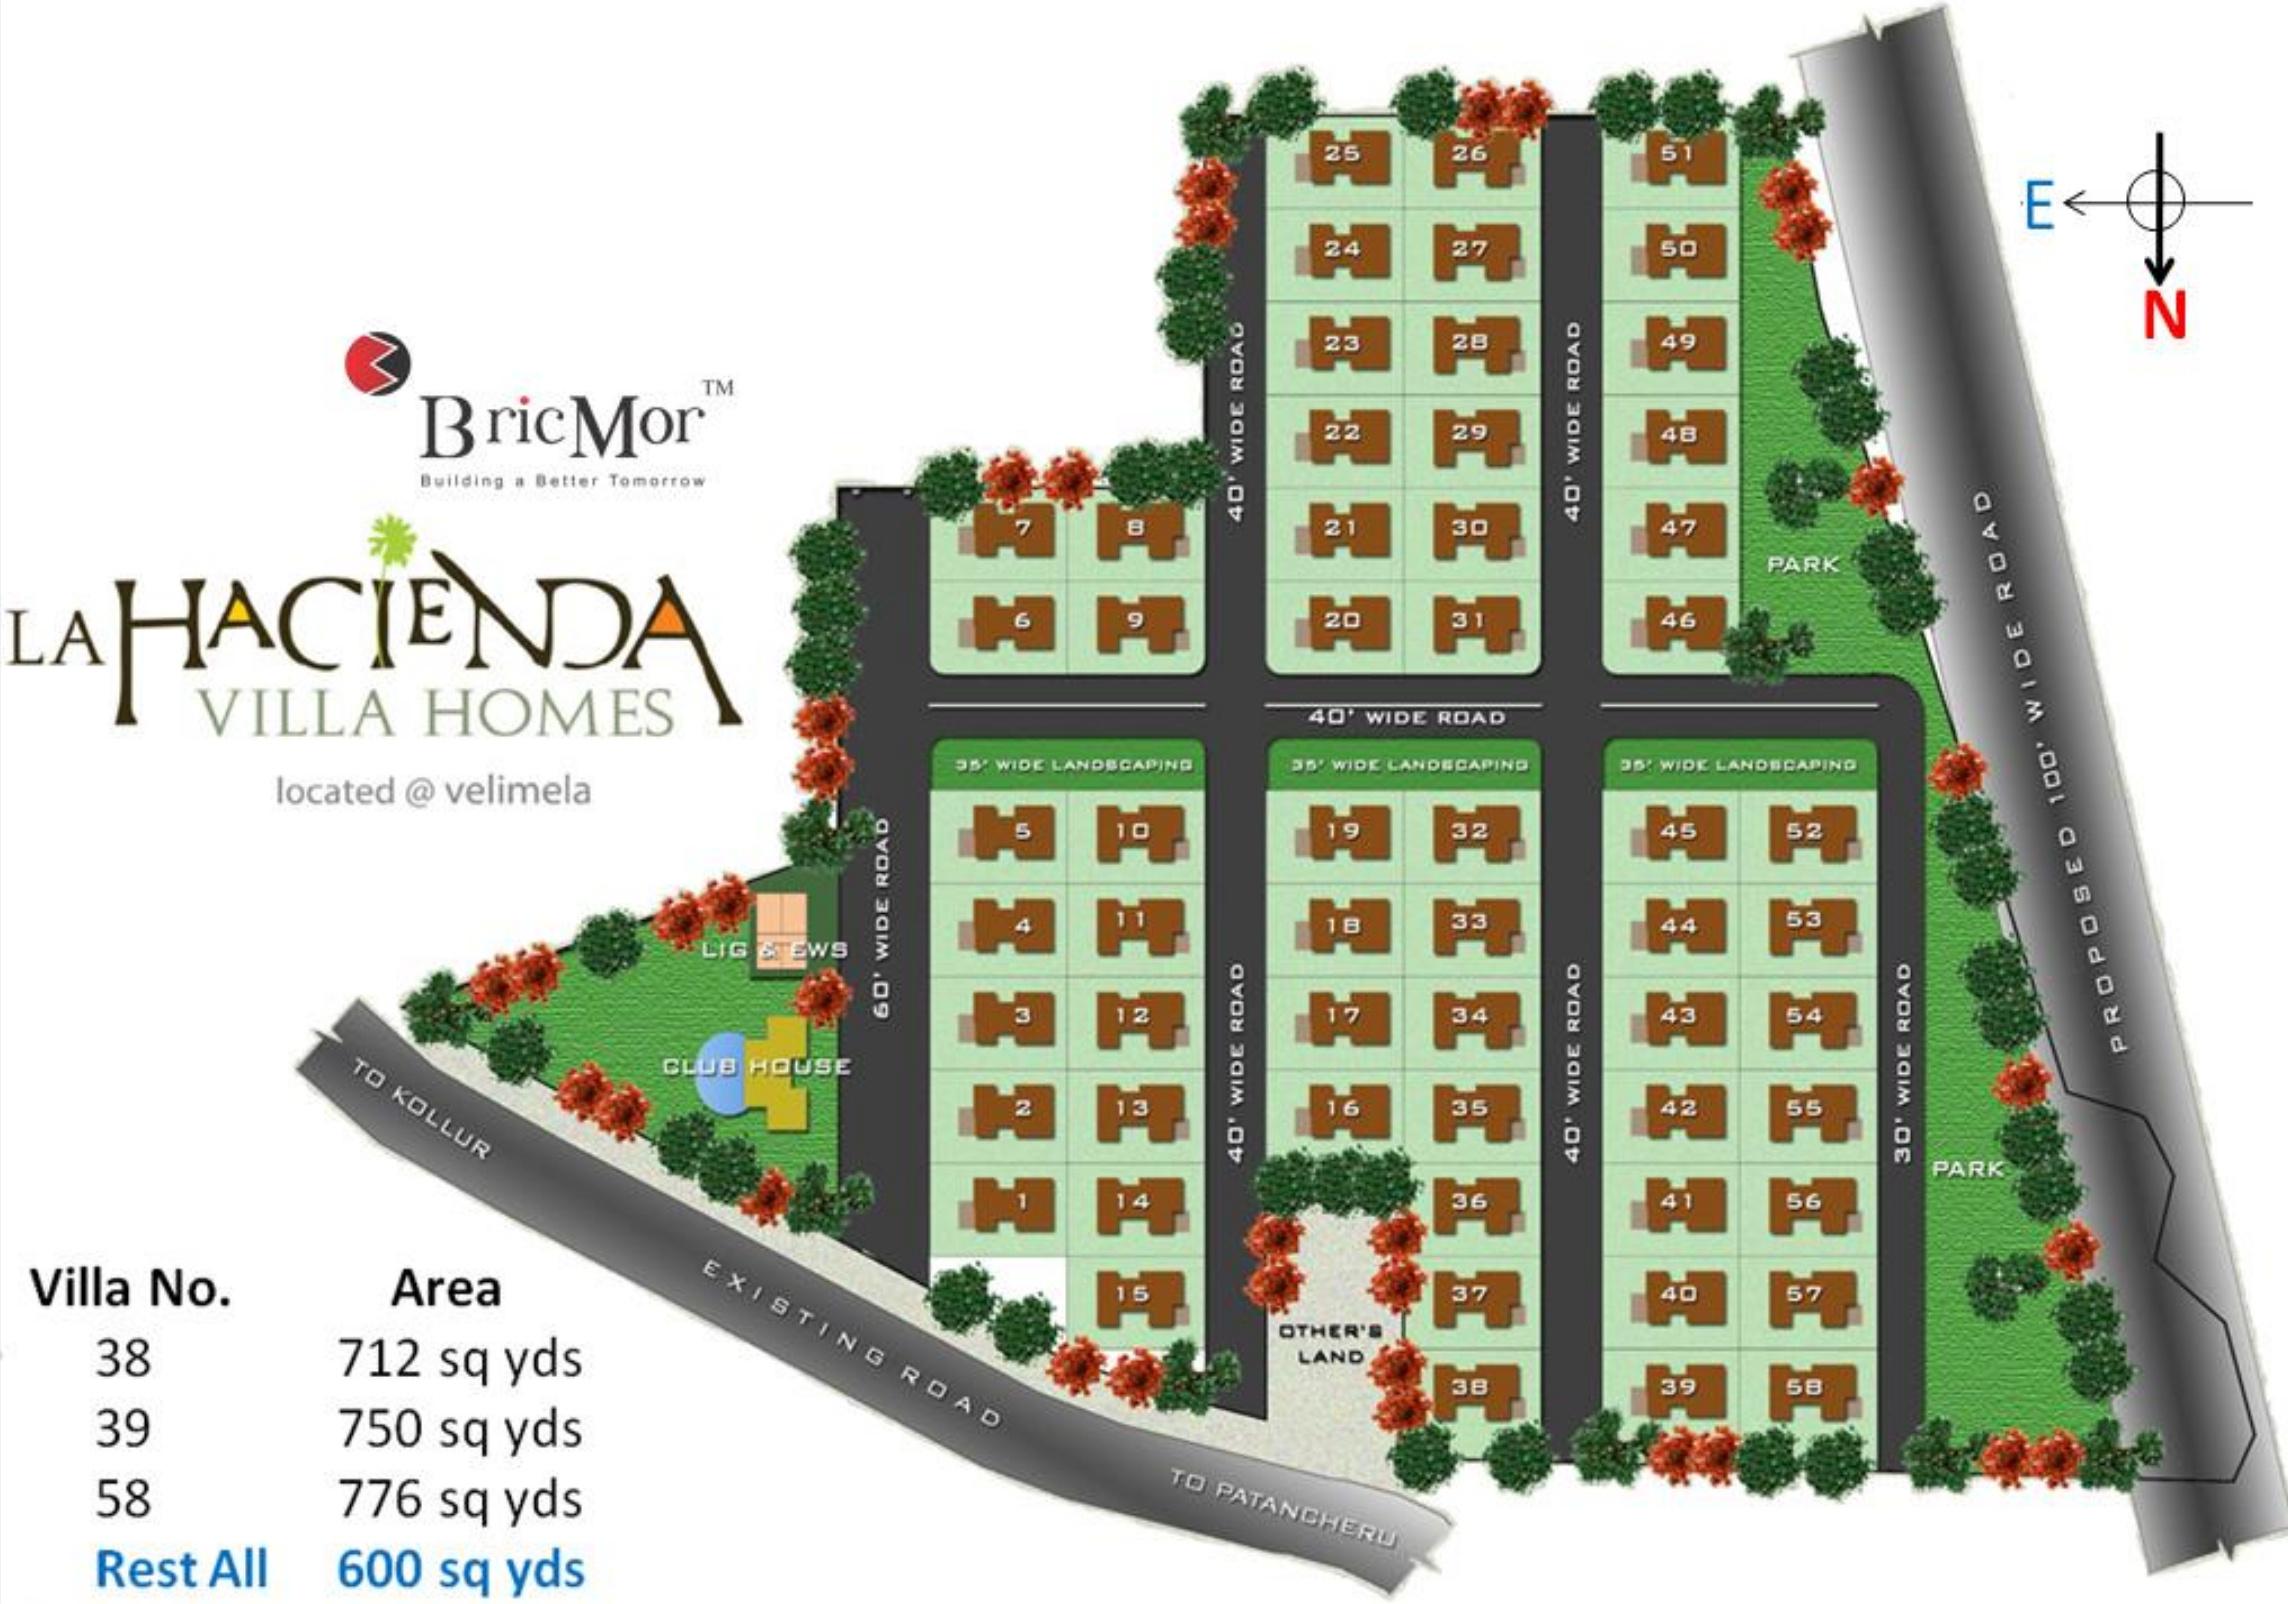 bricmor la hacienda in mokila hyderabad price location map